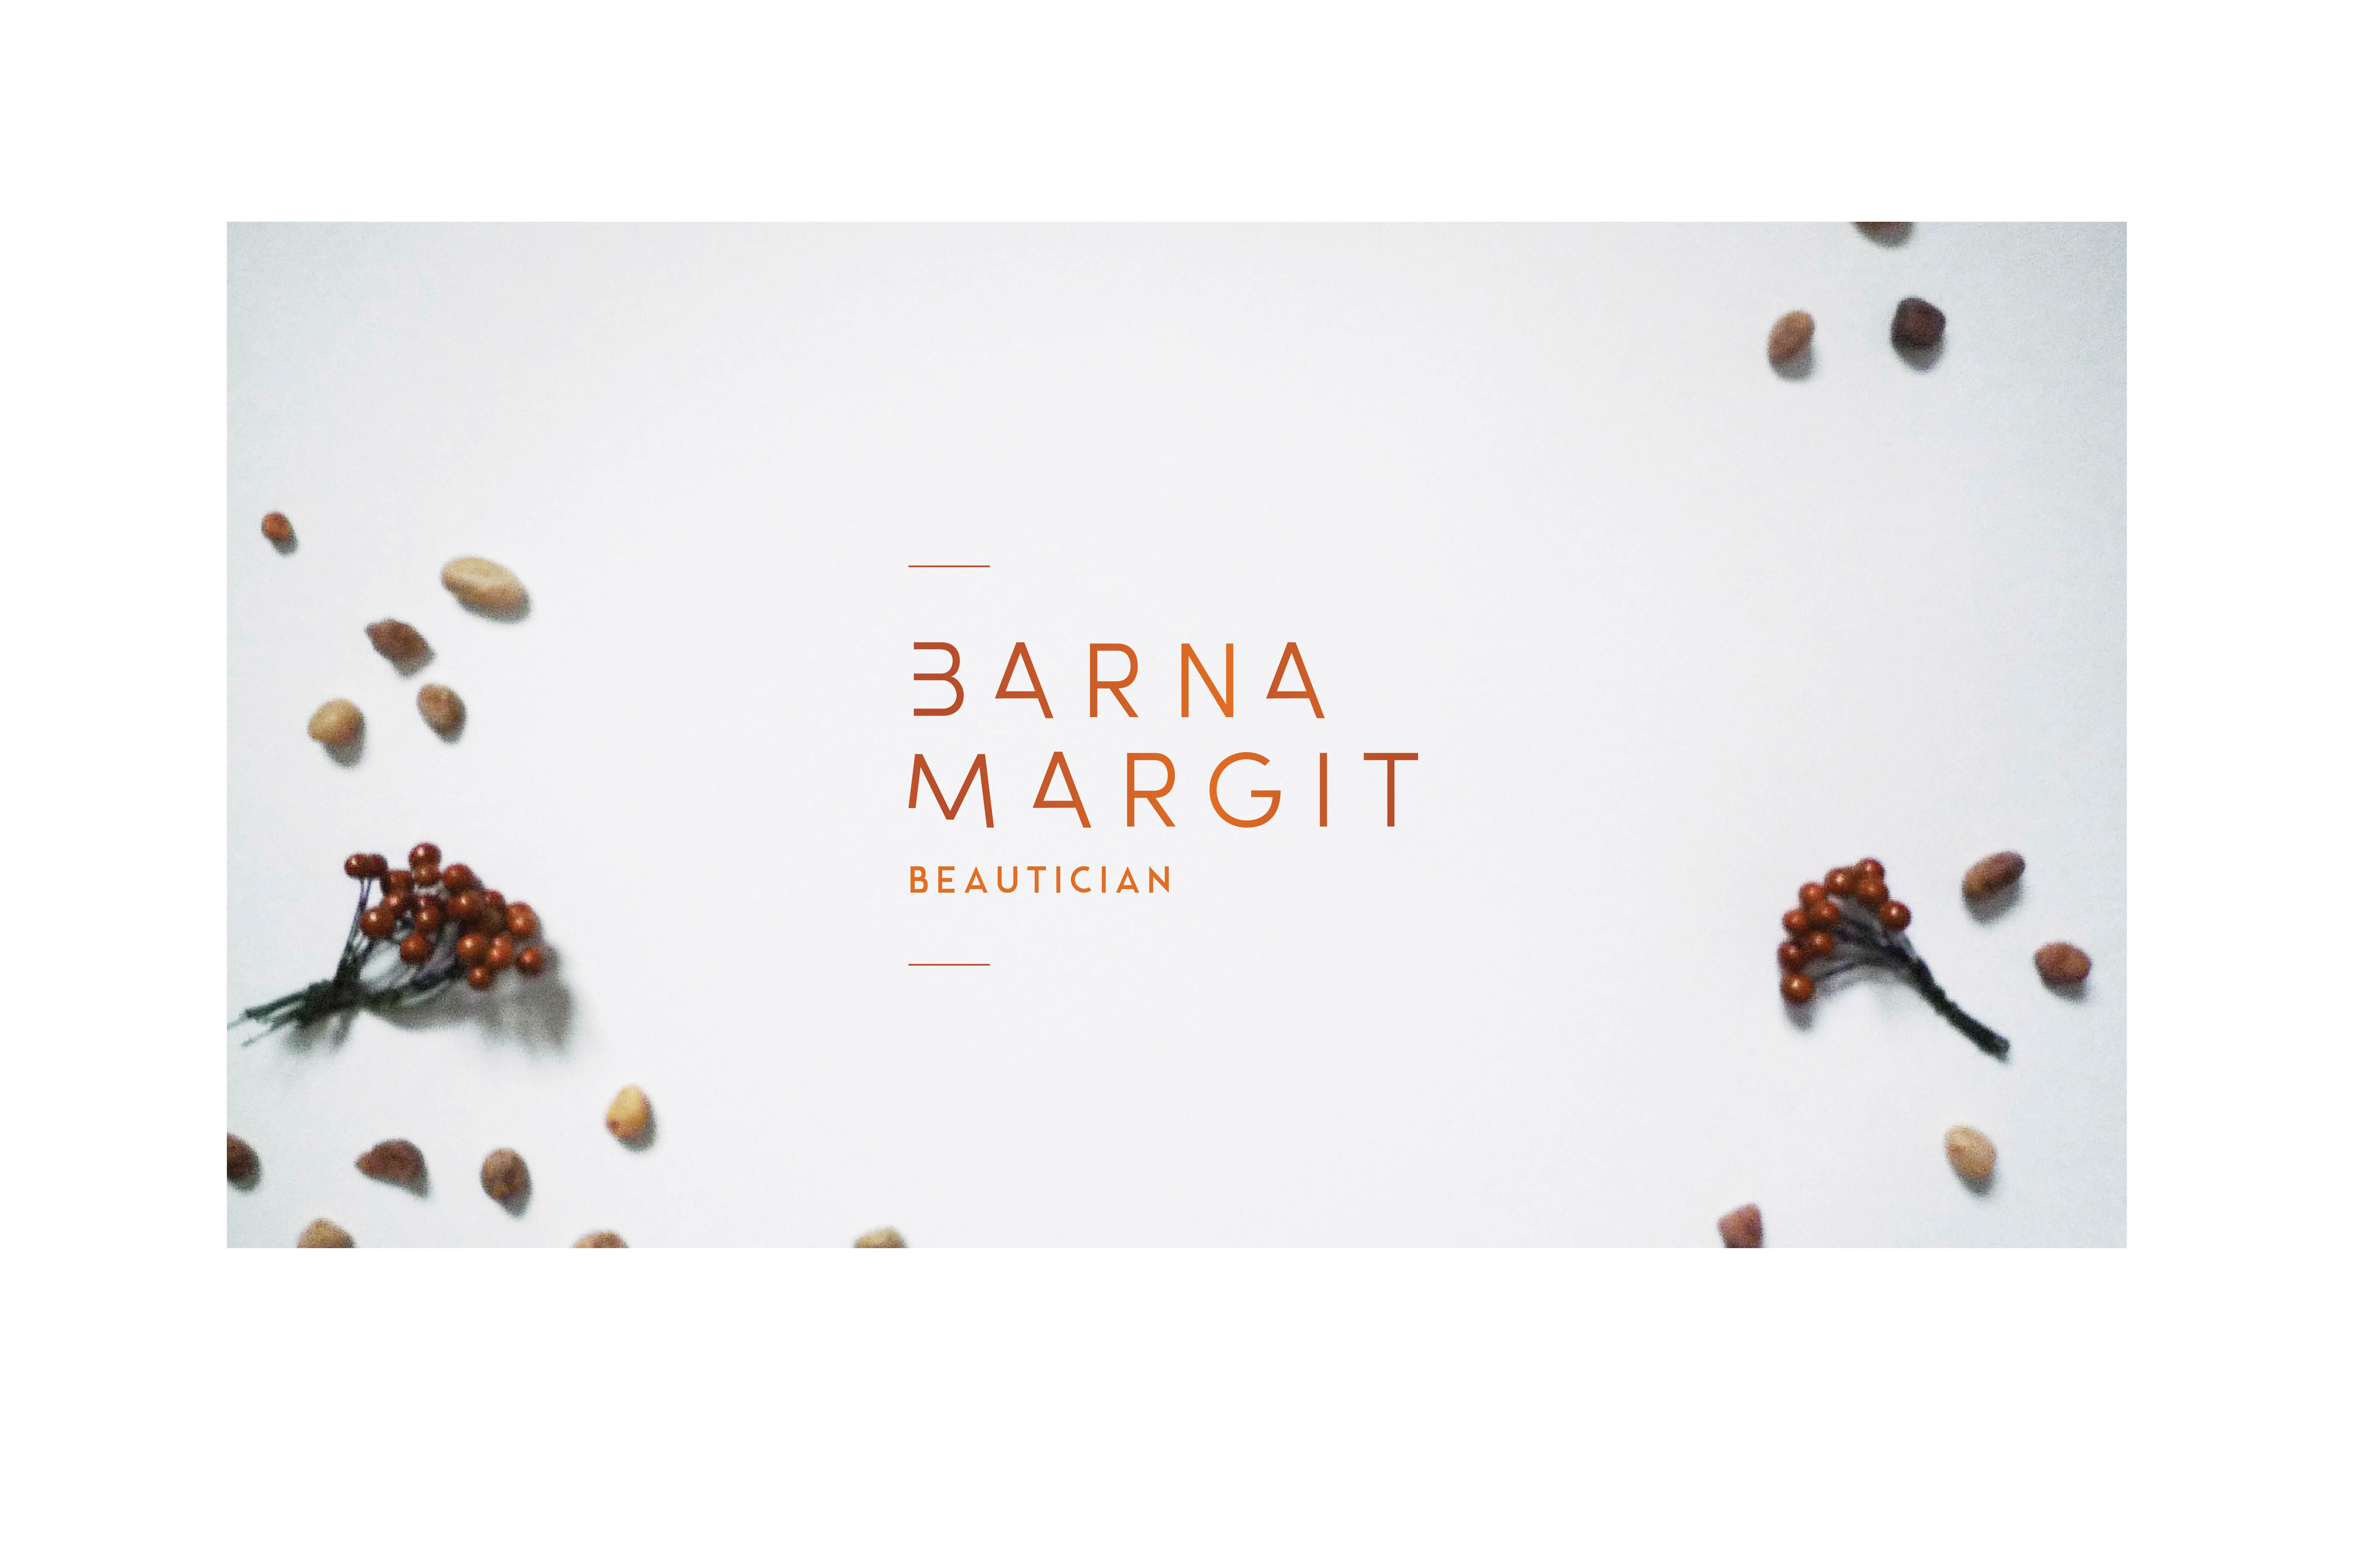 barna_margit_beautician_logo.jpg